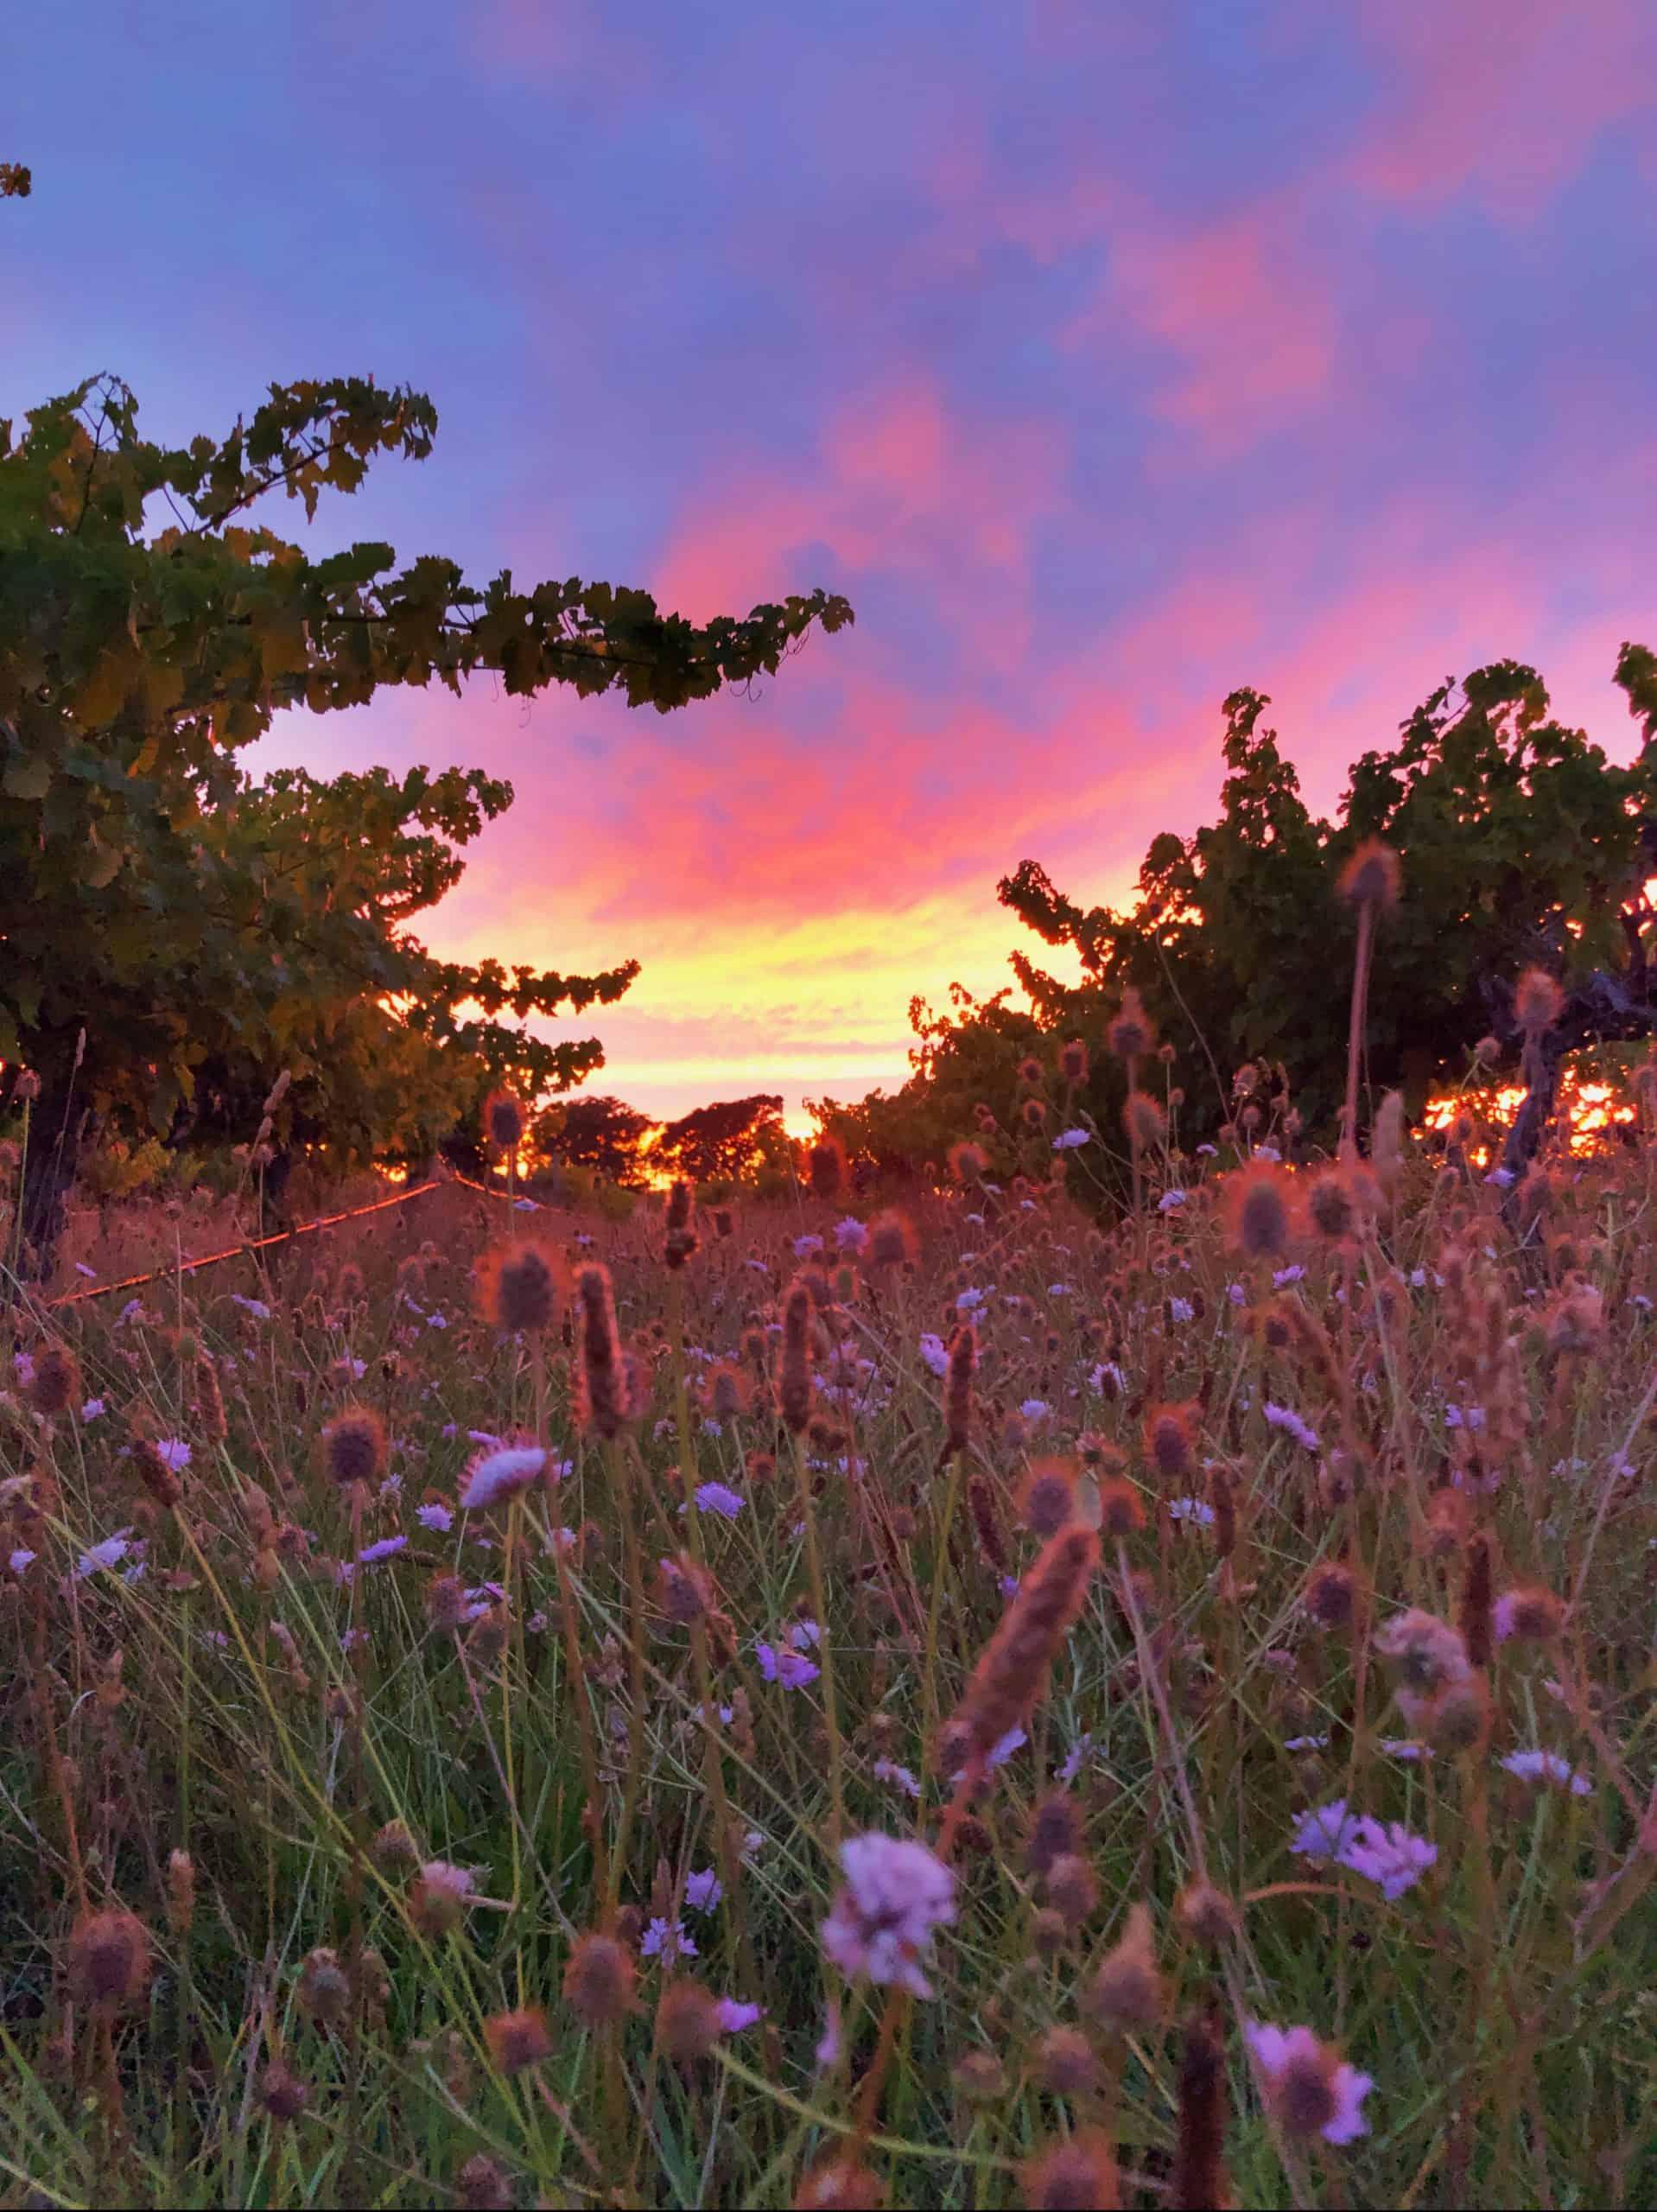 koonara vineyards